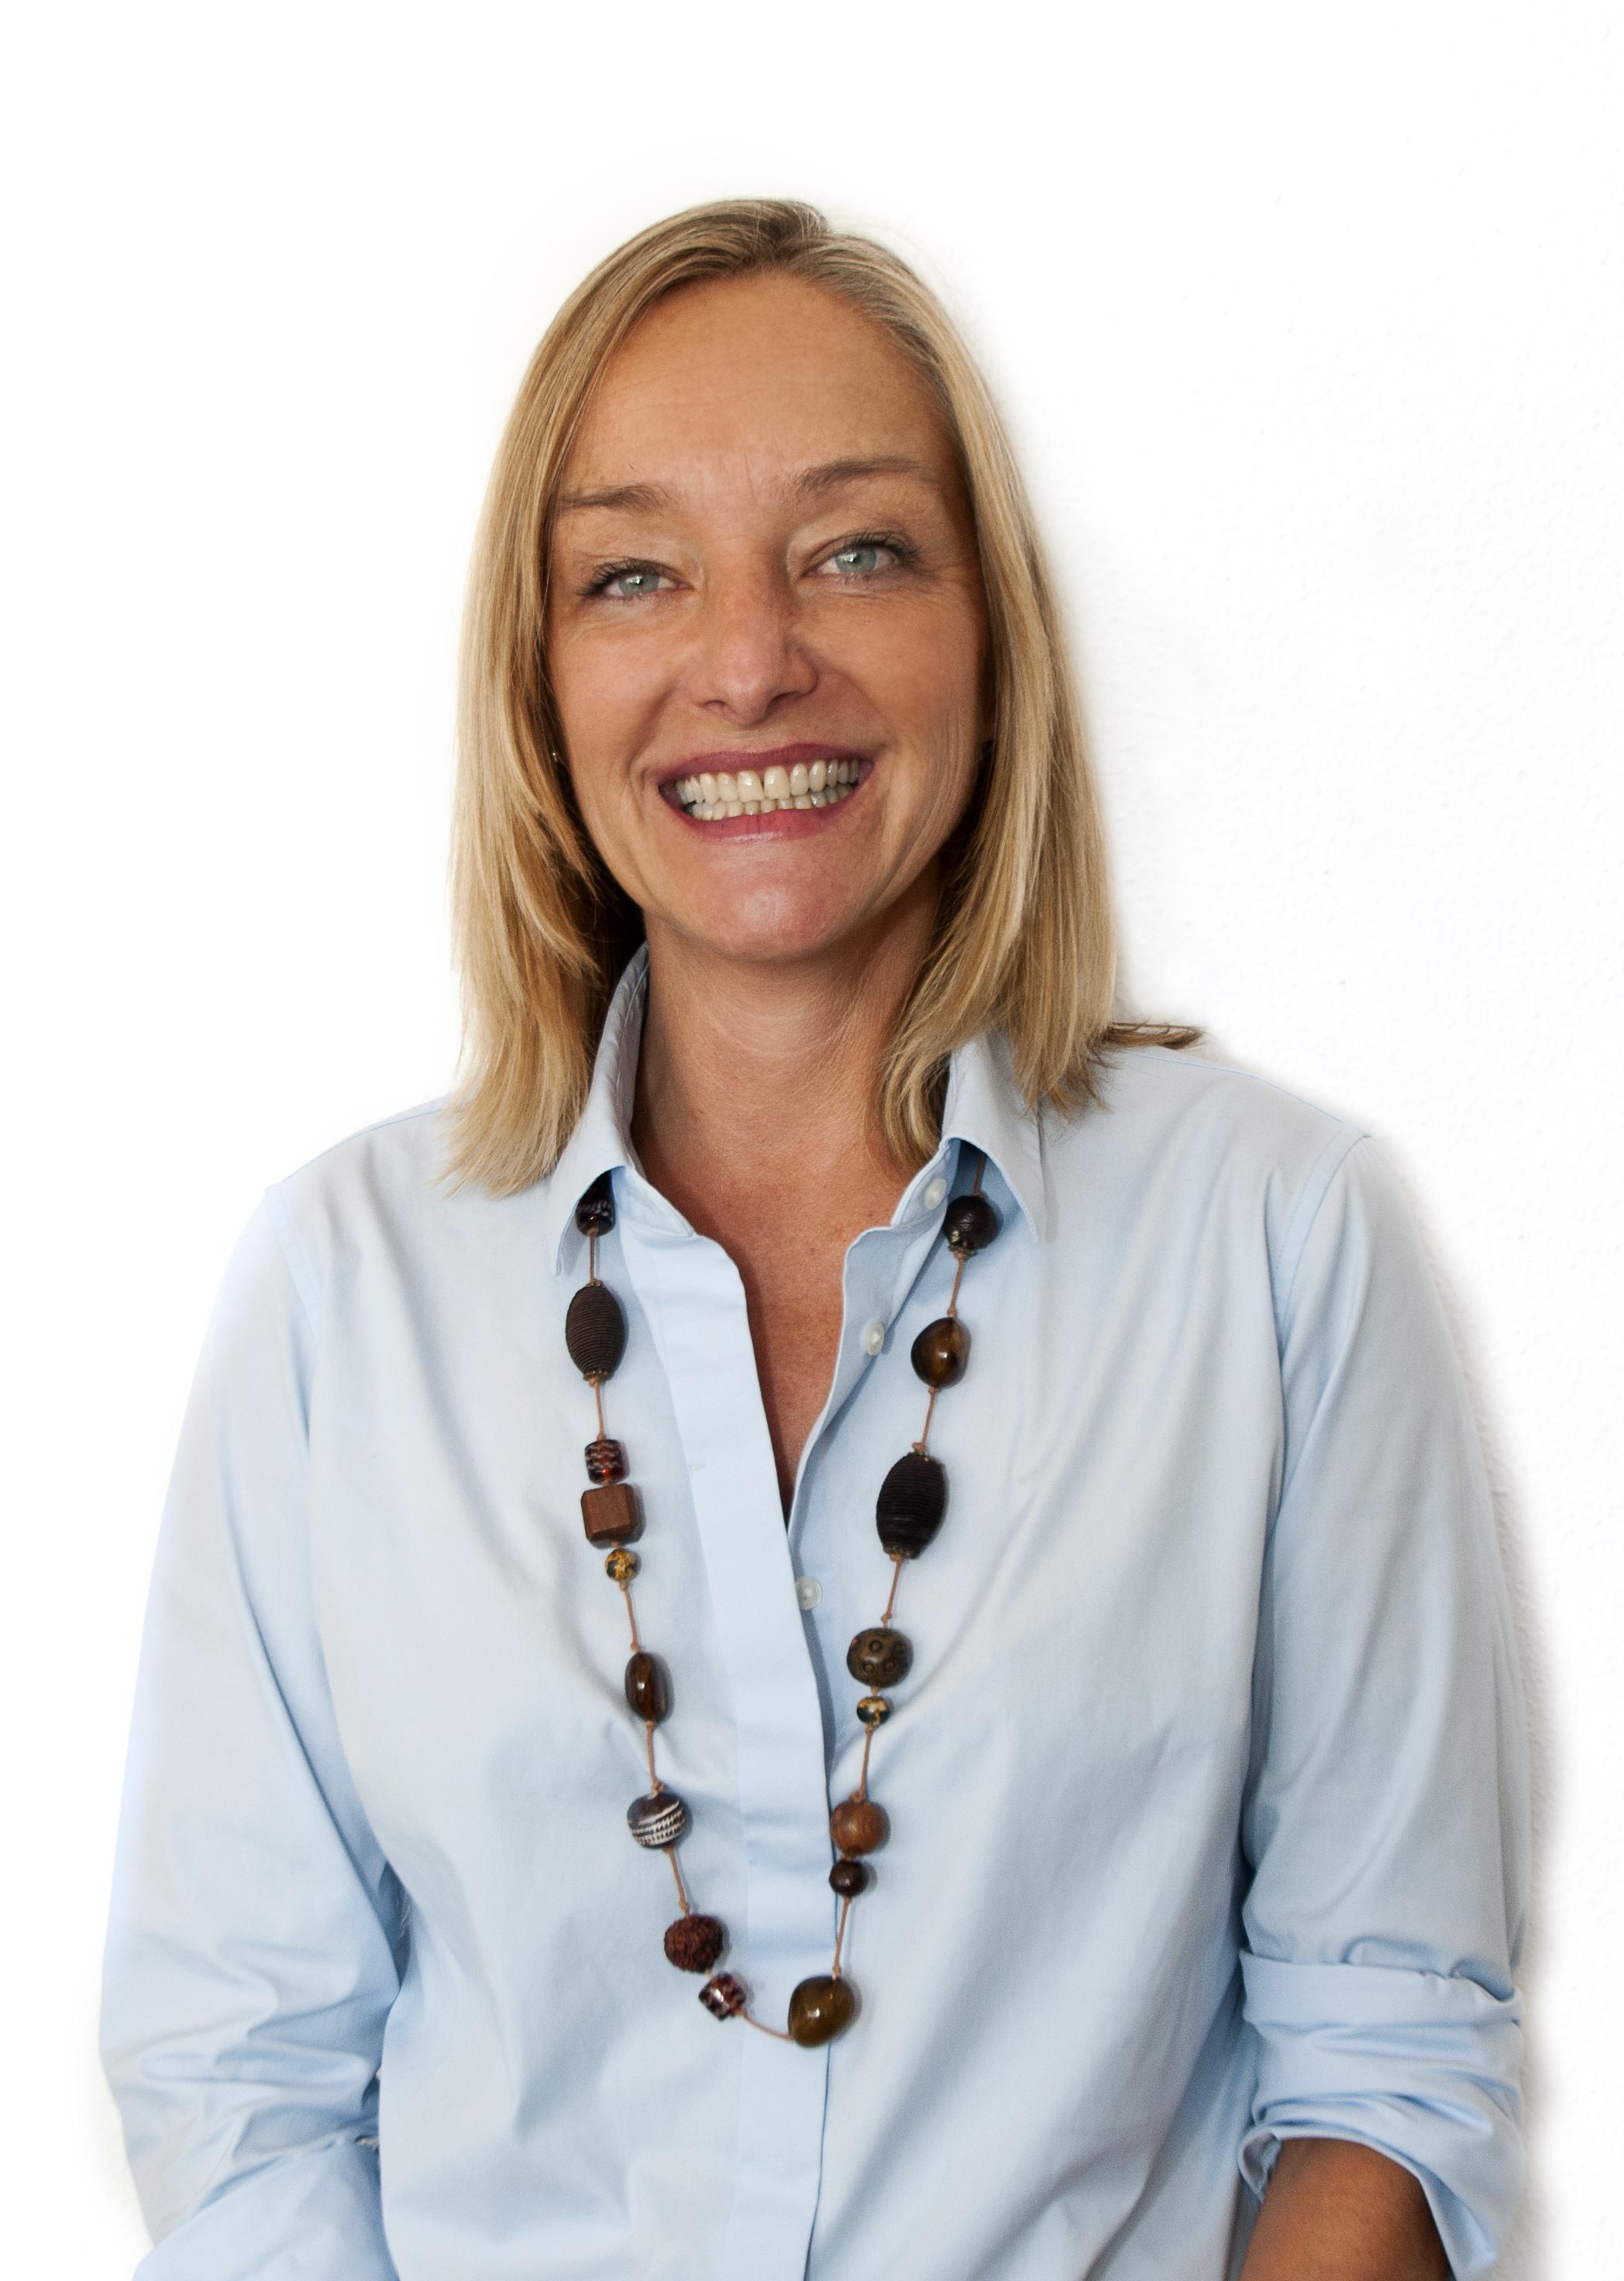 Tasha De Gelabert